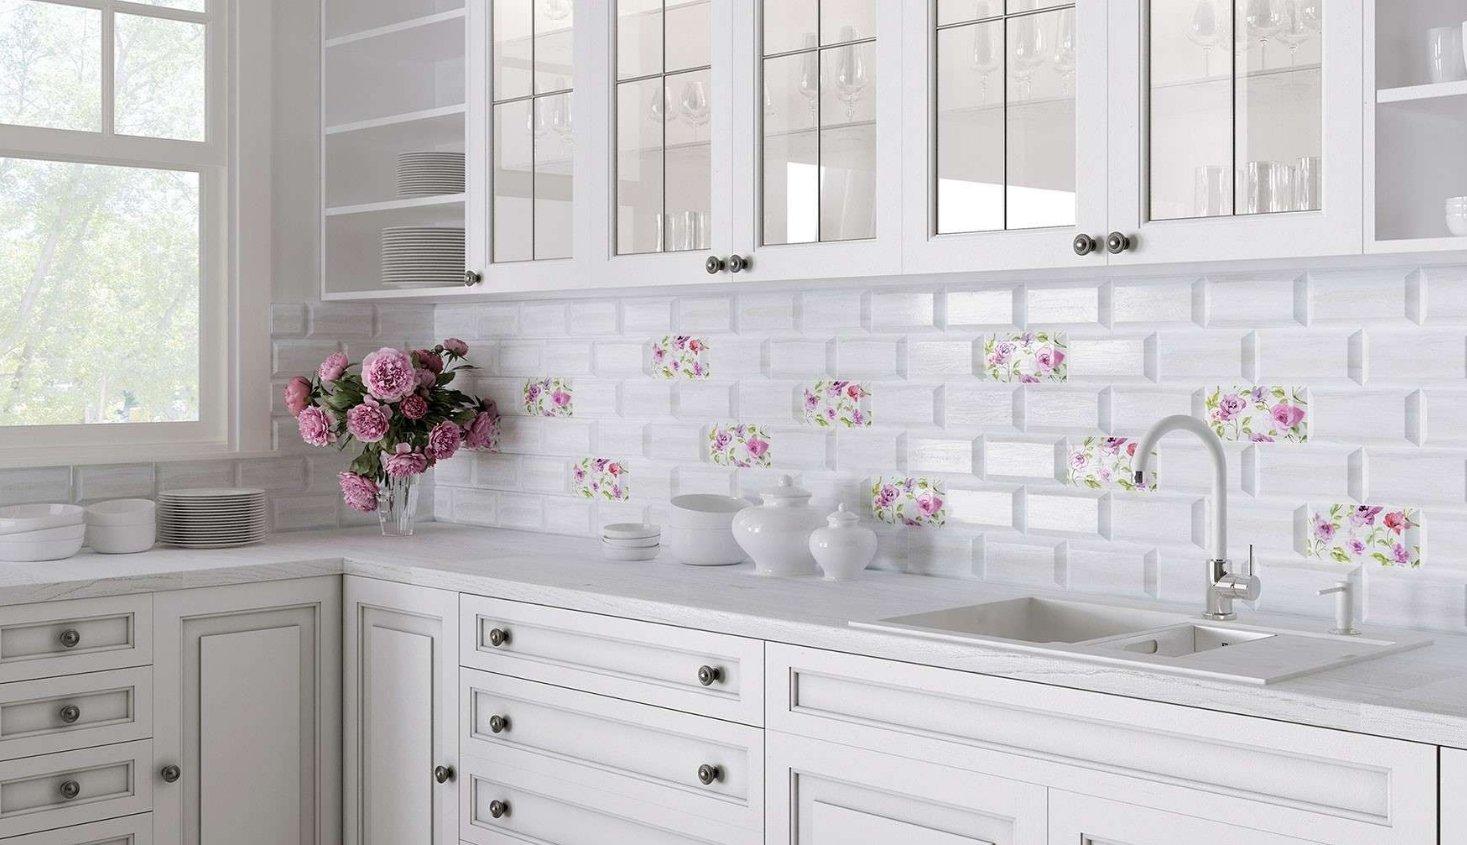 Напольная плитка для кухни с орнаментом